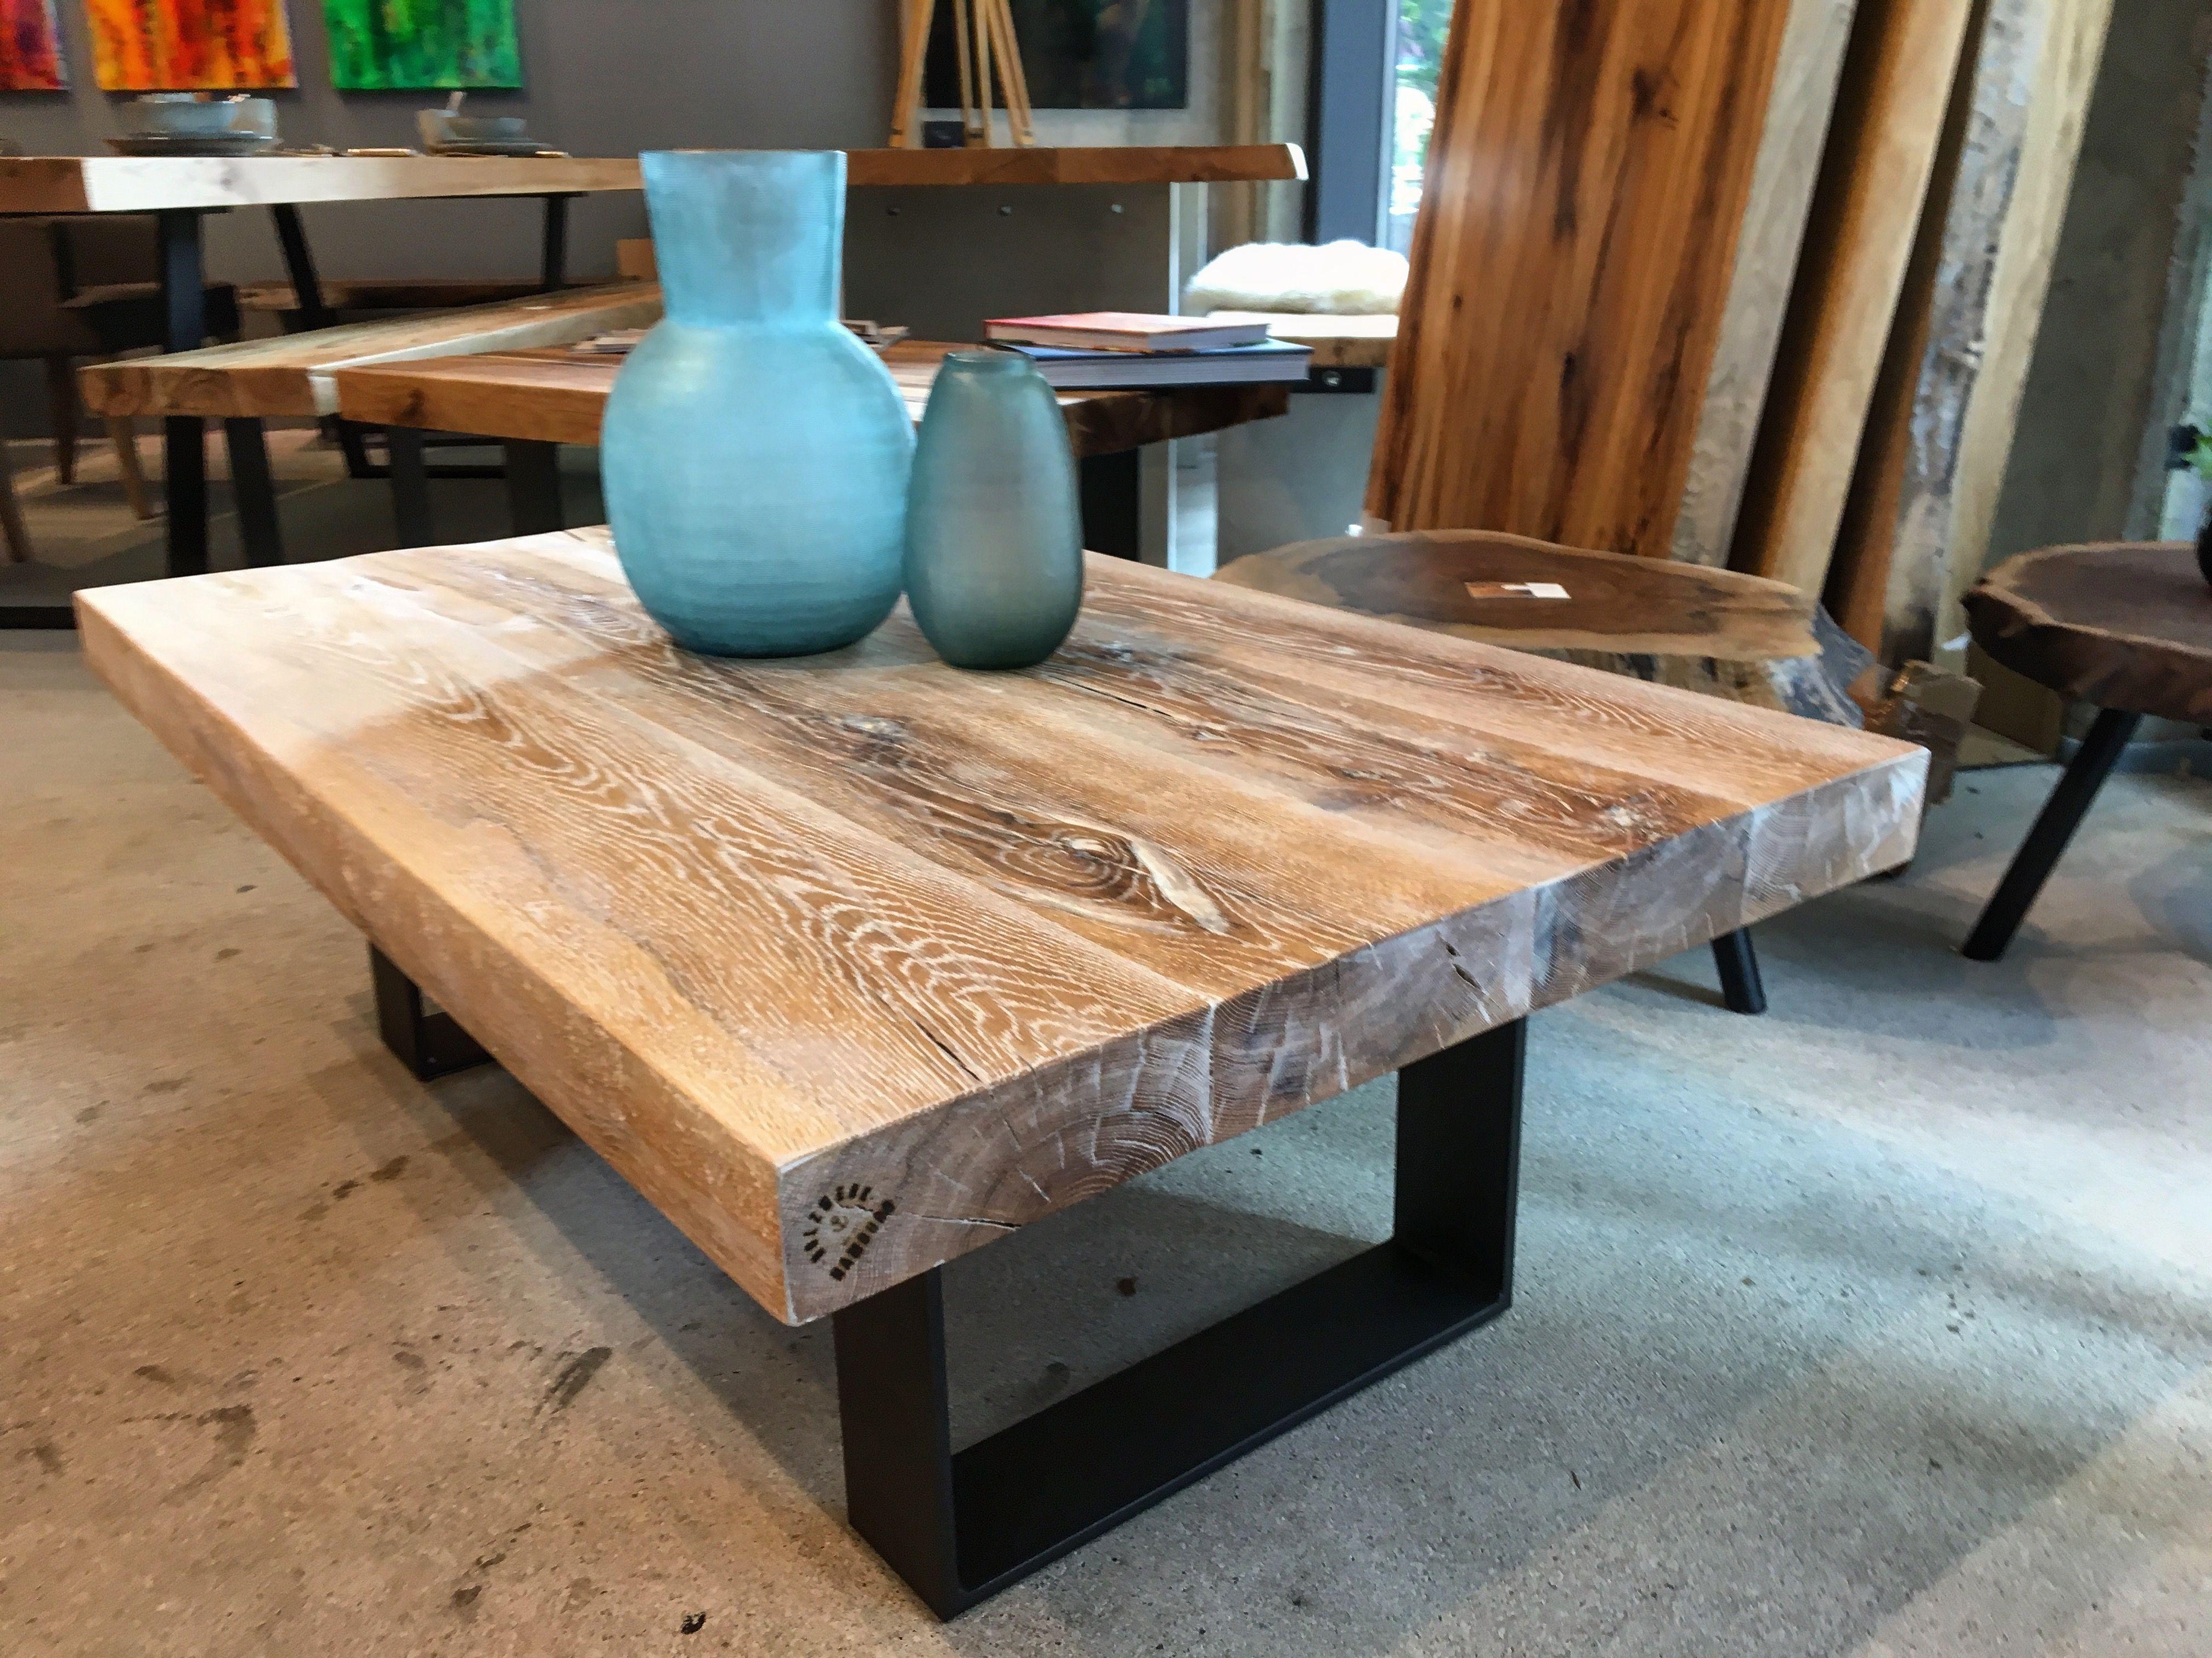 Couchtisch Tisch Table Holztisch www.holzwerk-hamburg.de ...